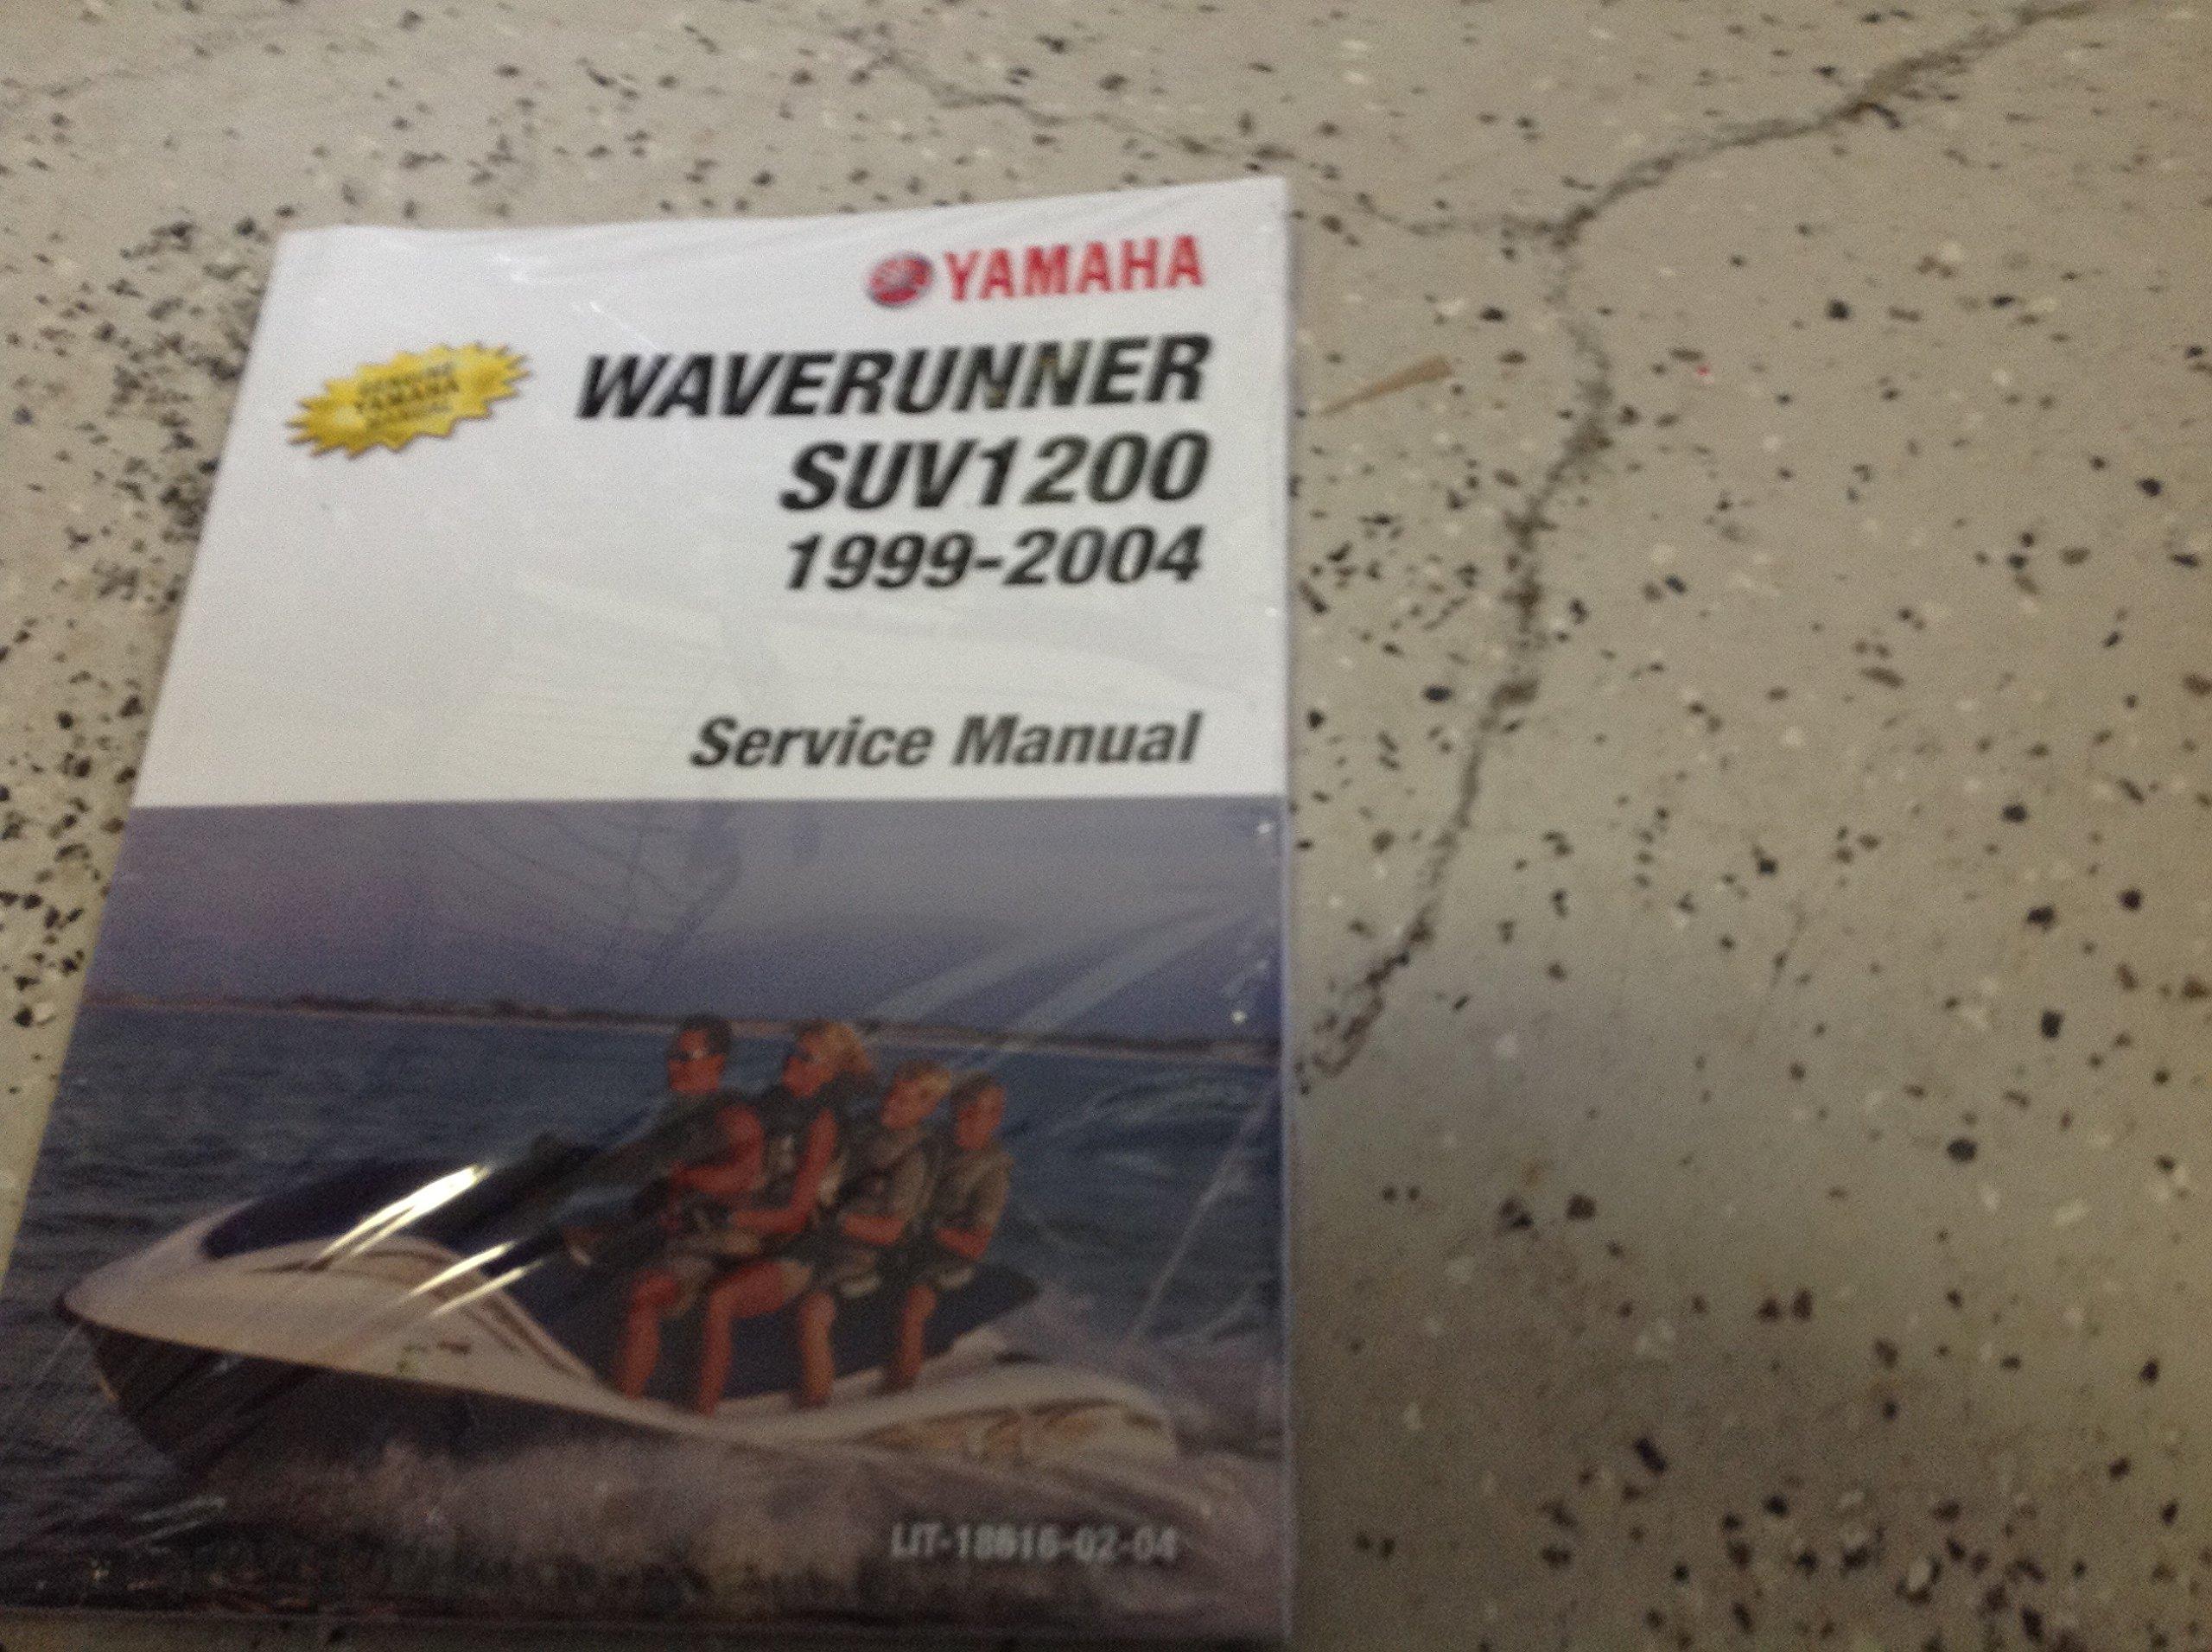 1999 2000 2001 2002 2003 2004 Yamaha Water Vehicle WaveRunner SUV SV1200  Service Shop Manual: YAMAHA: Amazon.com: Books